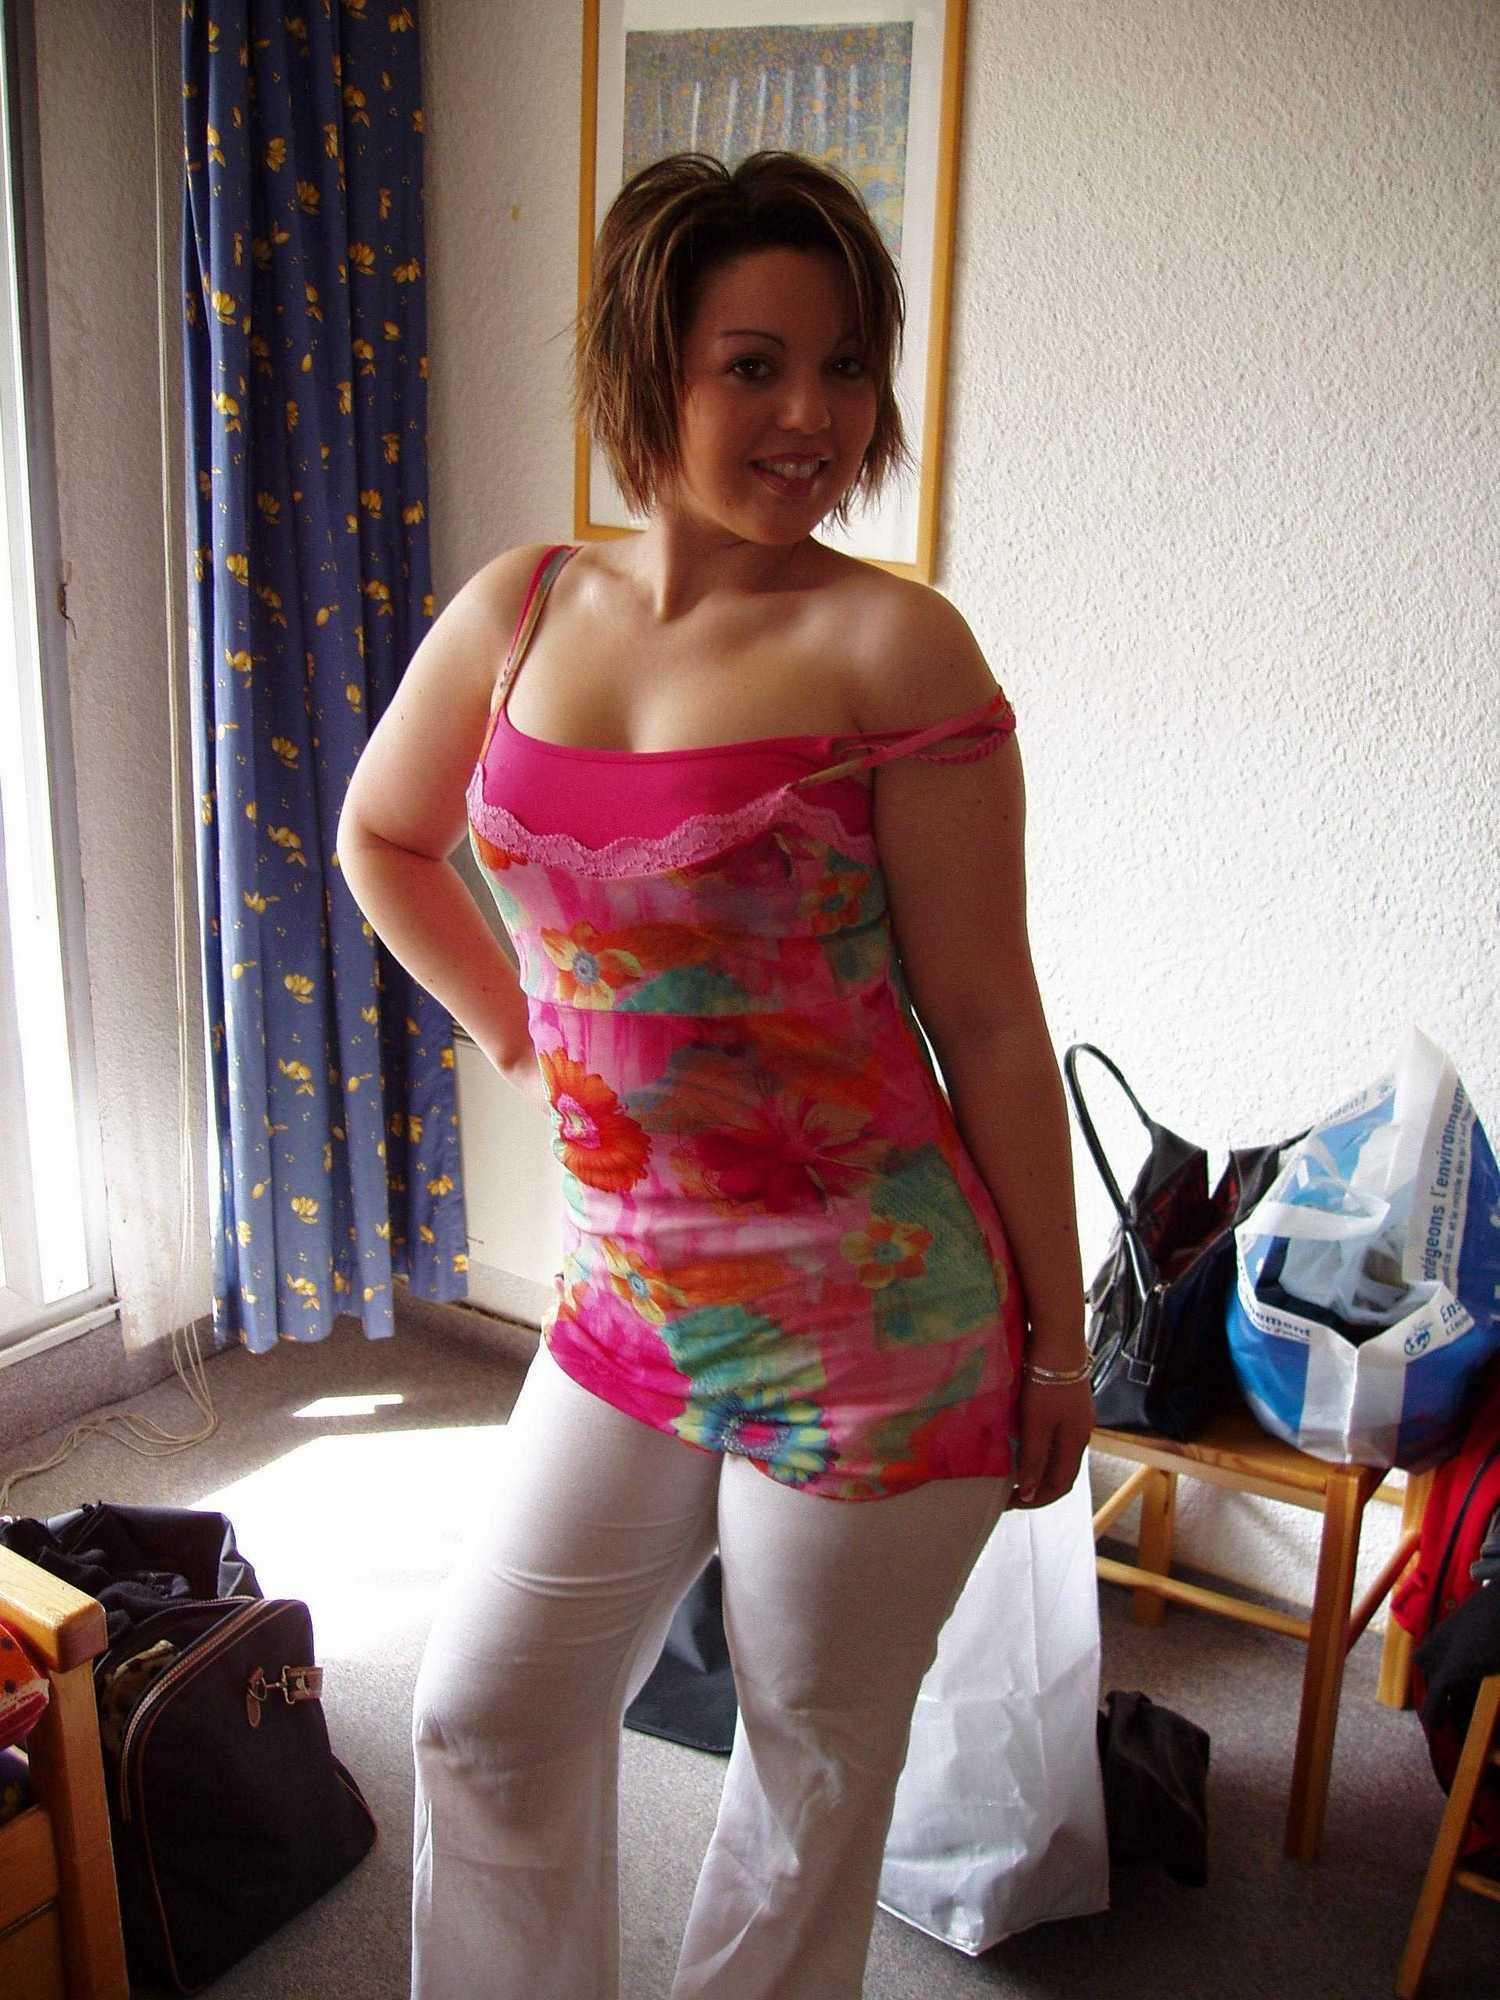 Деваха в нижнем белье позирует у себя дома